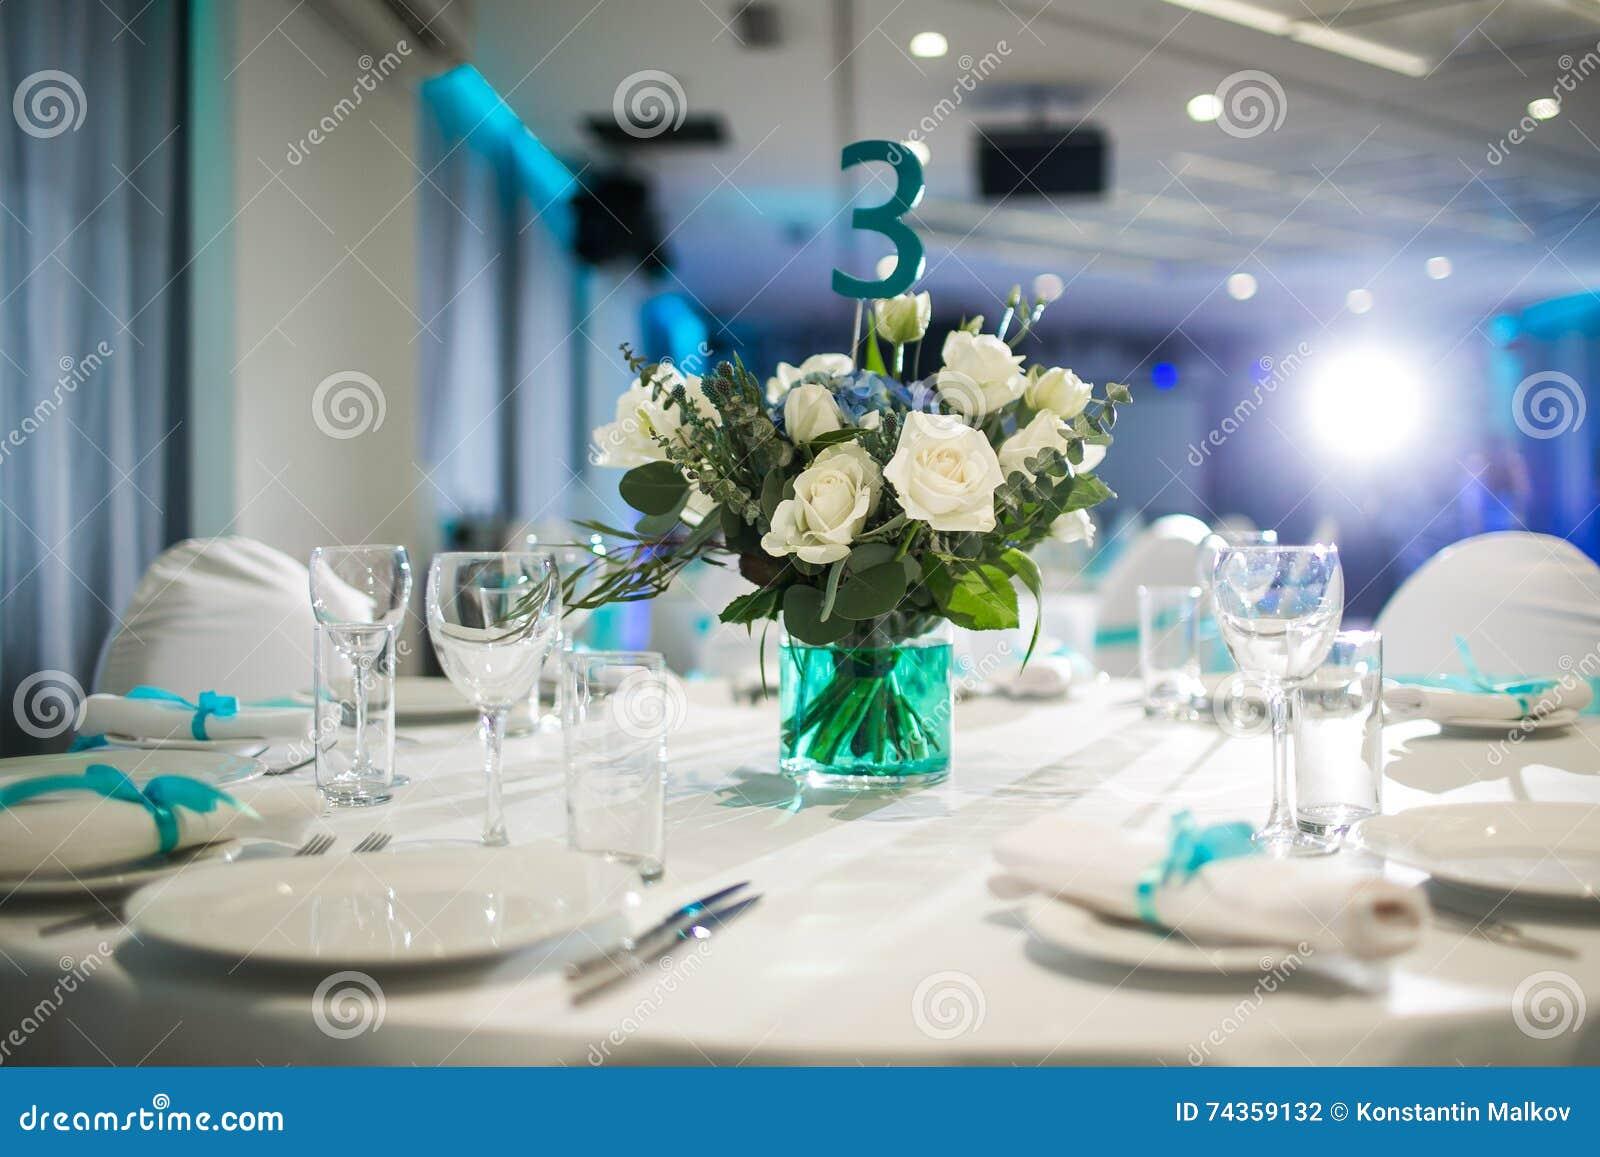 Prachtig georganiseerde gebeurtenis - gediende banketlijsten klaar voor gasten